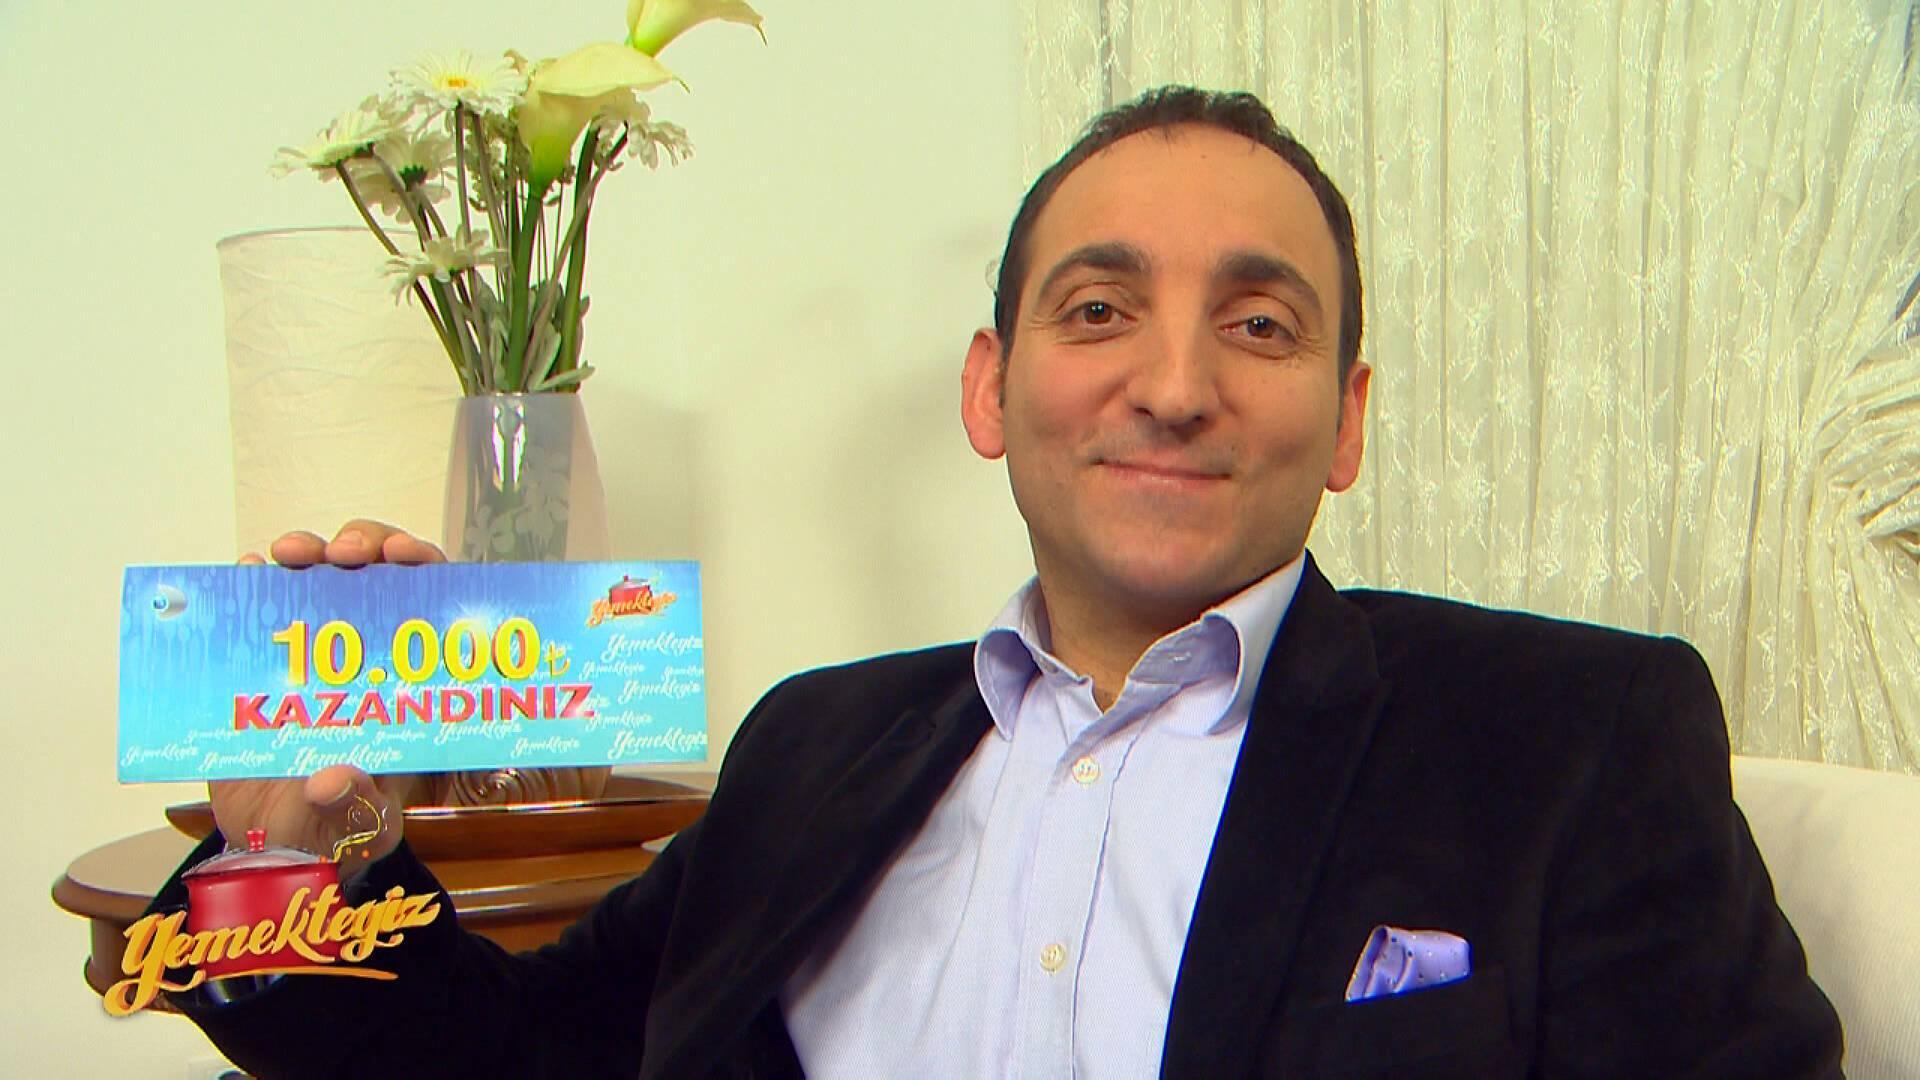 Yemekteyiz 4. Hafta kazananı Burhan Şanverdi!